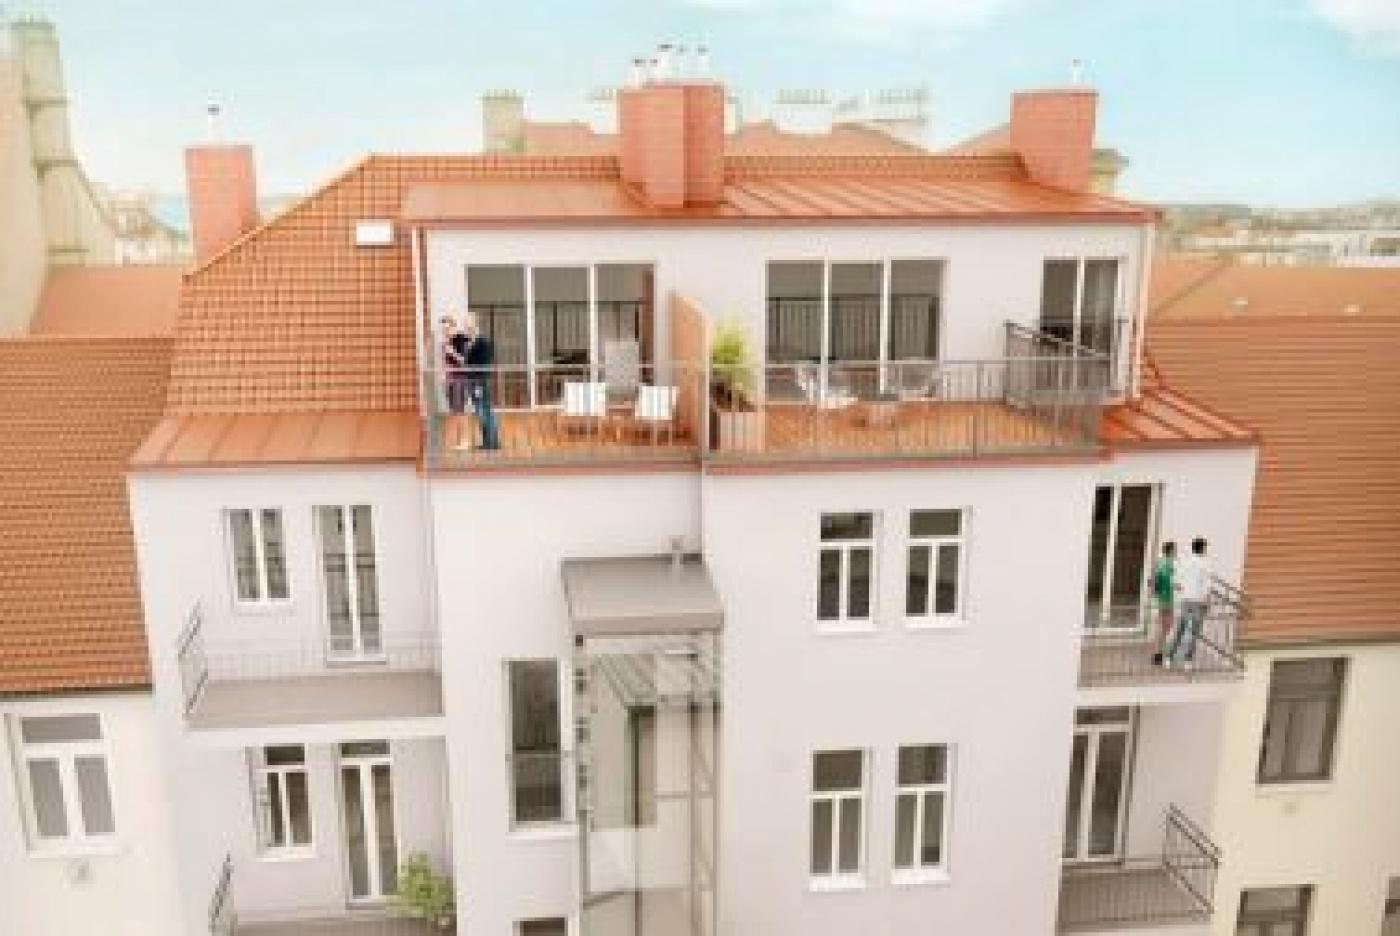 Půdní byt 2+kk, plocha 74 m², ulice Korunovační, Praha 7 - Bubeneč, cena 6 989 000 Kč | 2